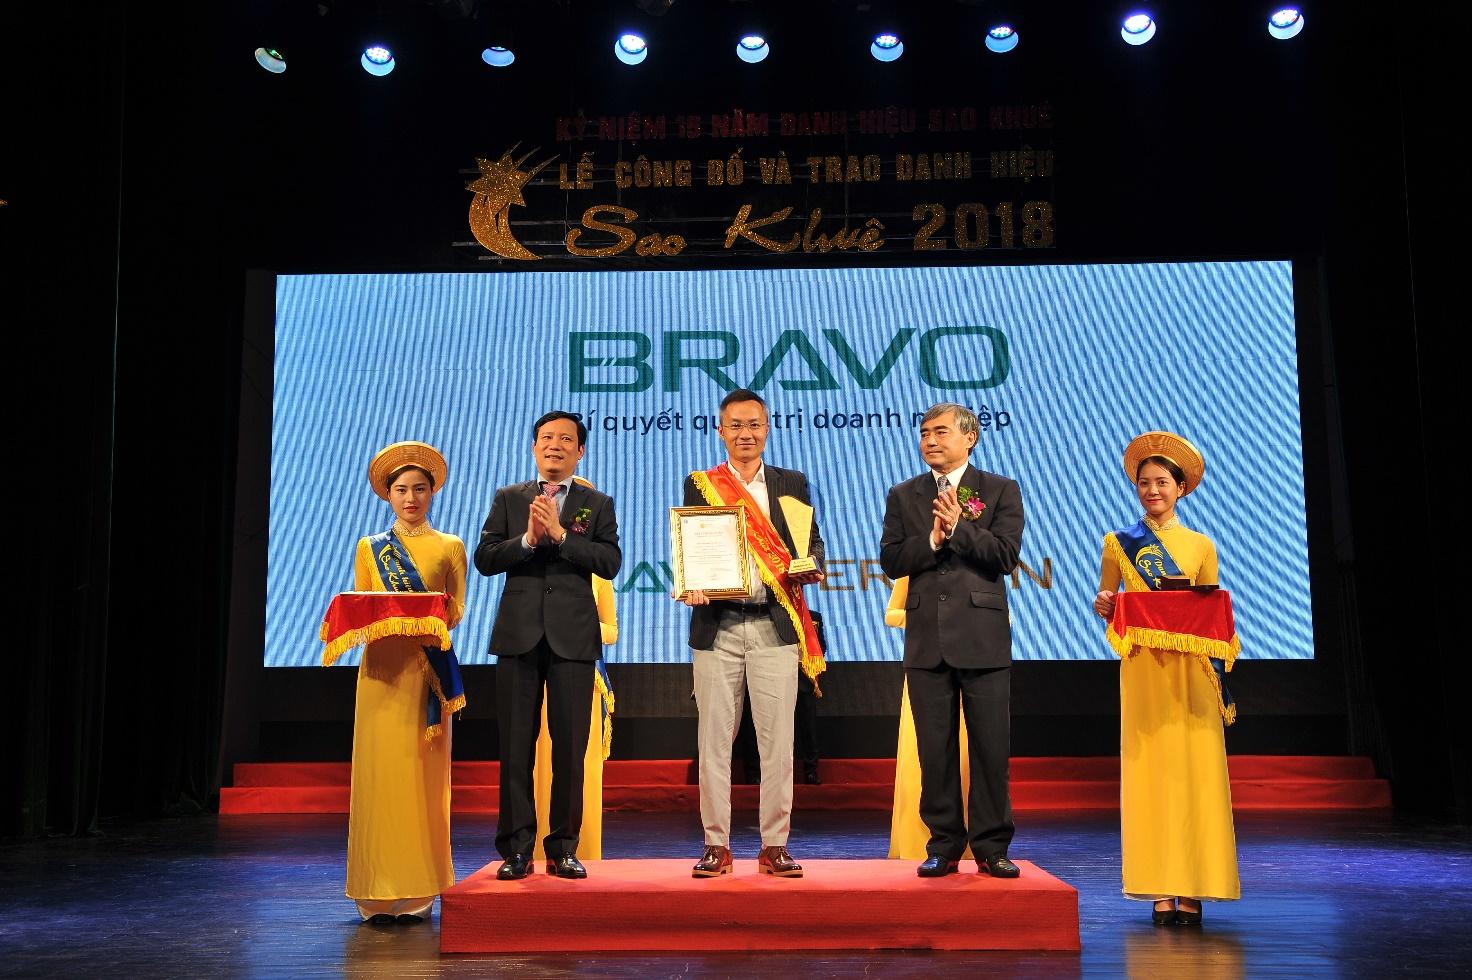 Sao Khuê tiếp tục sứ mệnh tiên phong thúc đẩy chuyển đổi số tại Việt Nam.